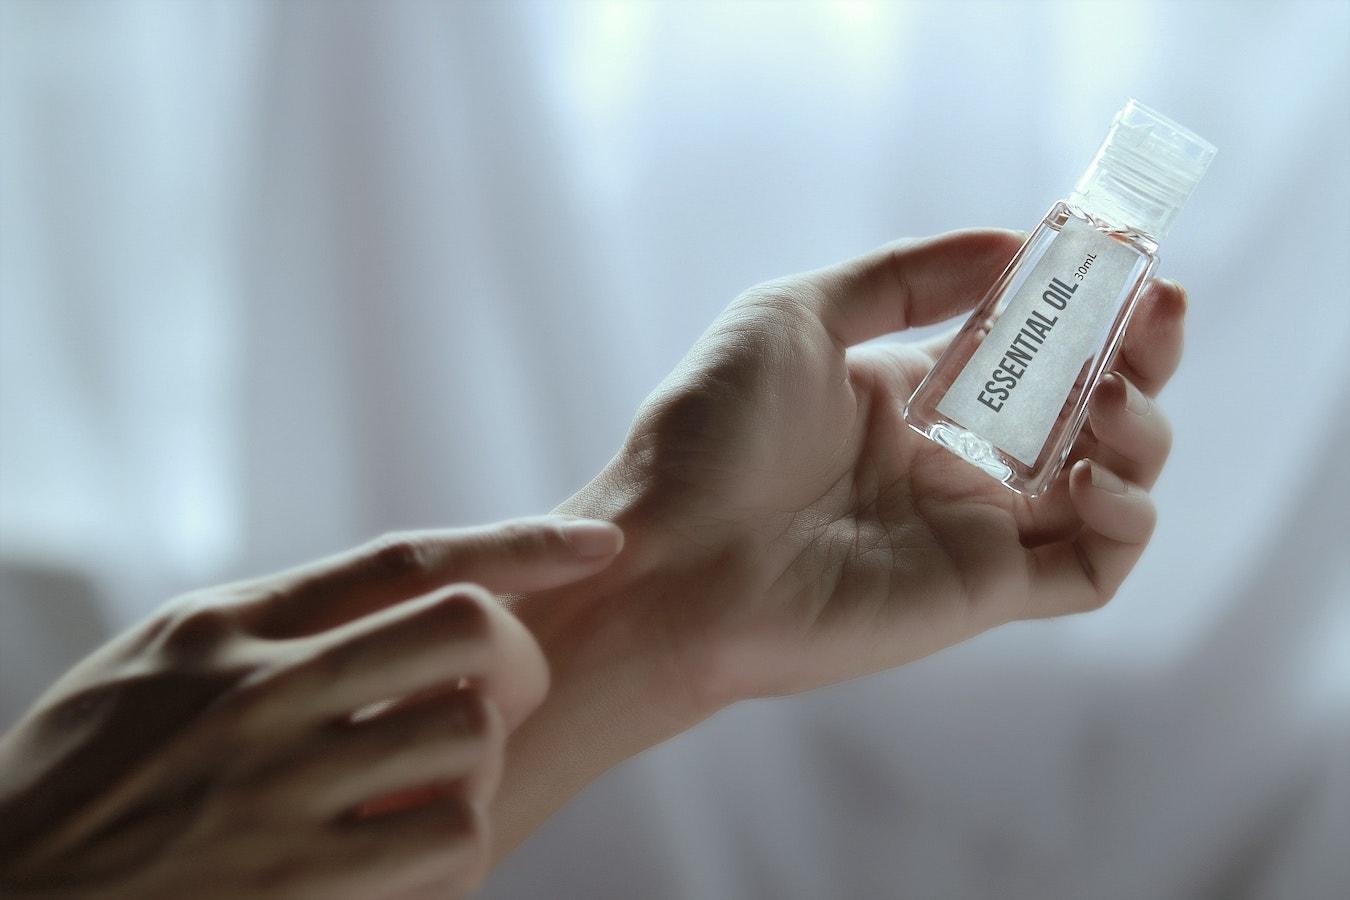 Ätherische Öle für die Haut auftragen Anwendung